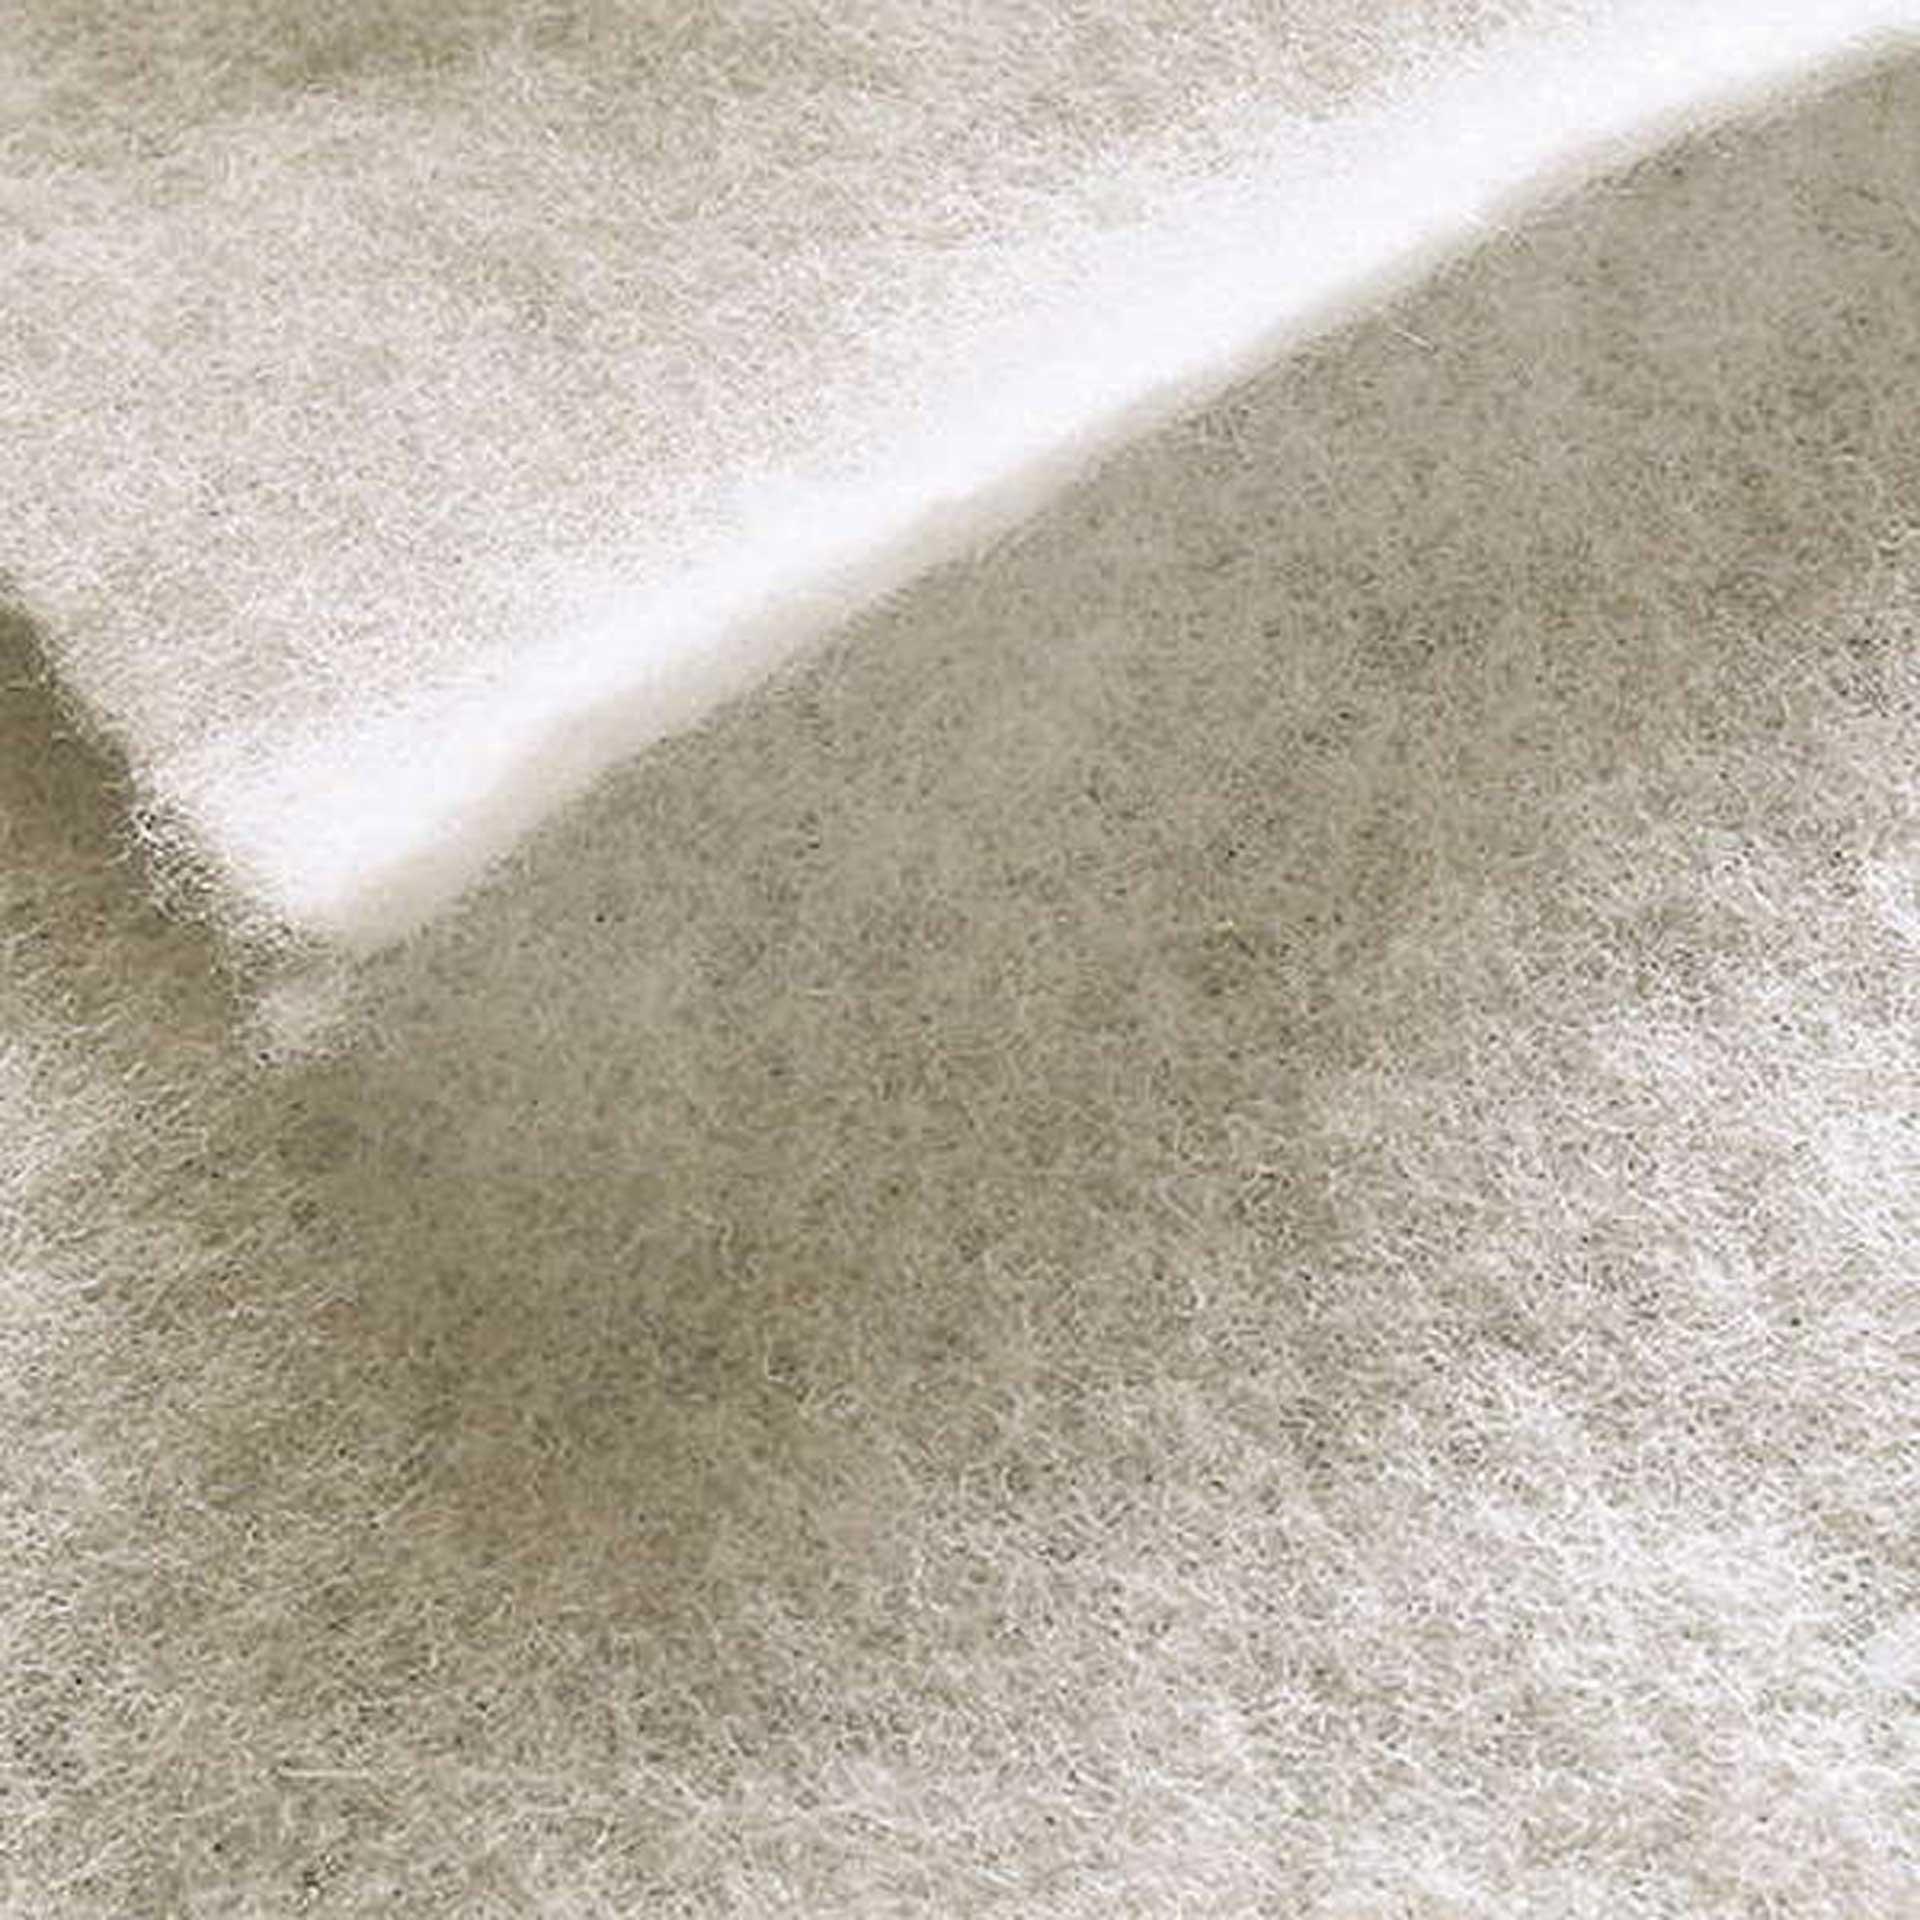 R&G Breatex™ Saug- und Formvlies 150 g/m² (152 cm) Rolle/ 2 m